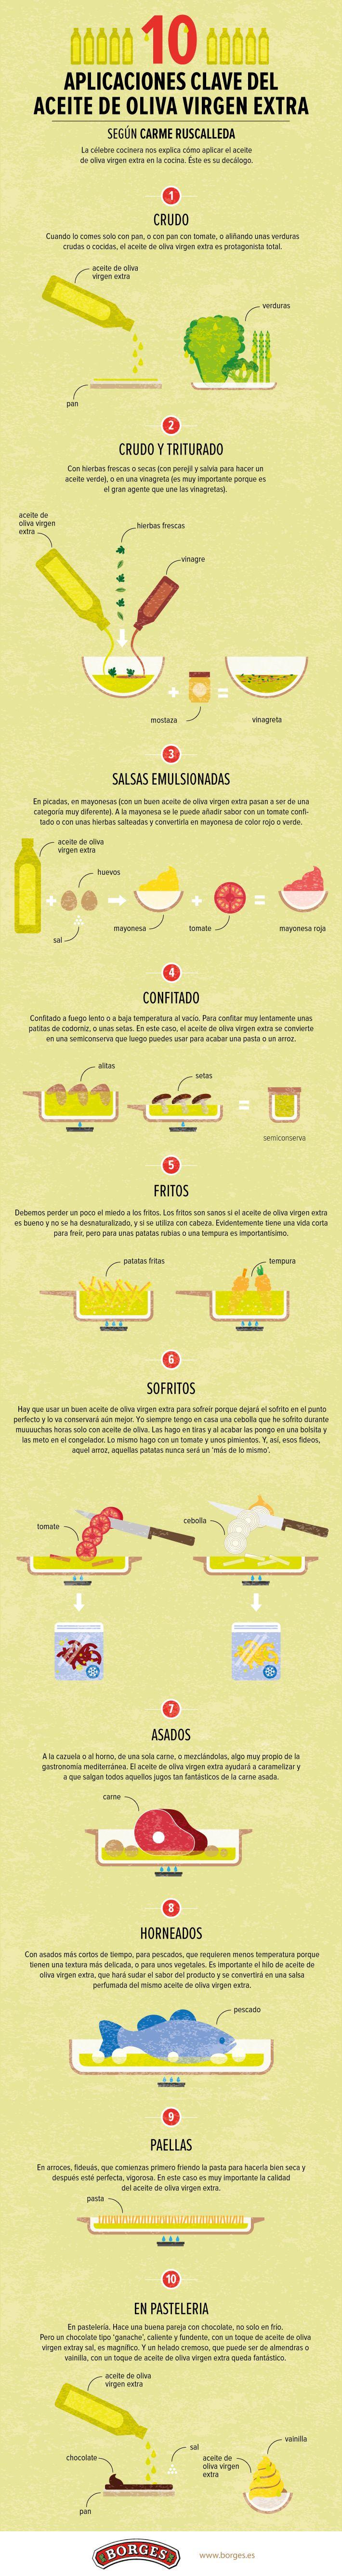 La Chef Carme Ruscalleda nos detalla 10 usos clave del aceite de oliva virgen extra en la cocina con este imprescindible decálogo #aove #aceitedeolivavirgenextra